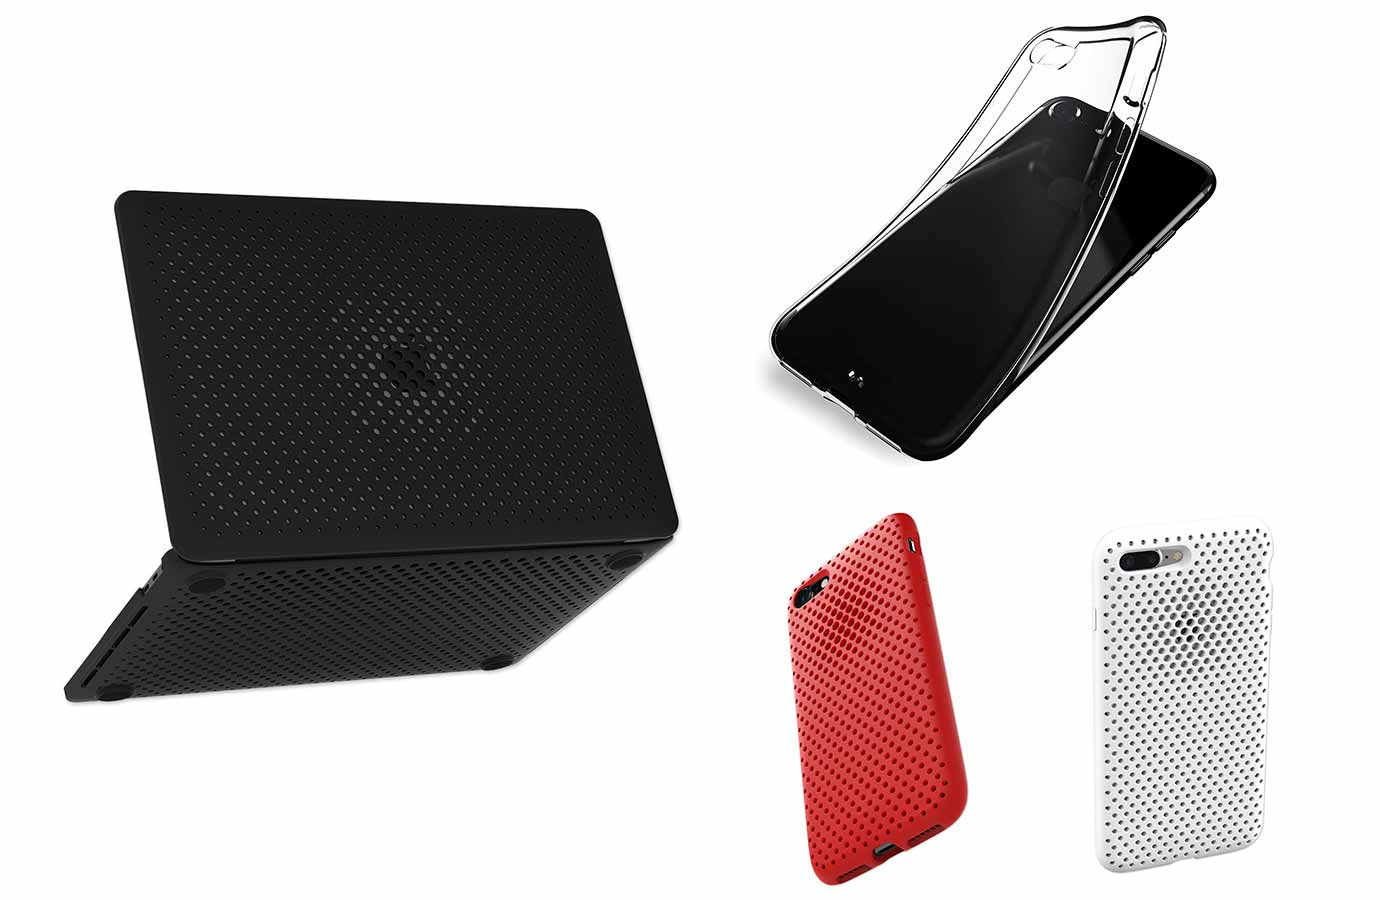 【最大85%オフ】Amazon、AndMeshのiPhoneケースやMacBook Proケースなどを特価価格で販売中(7/24 特選タイムセール)